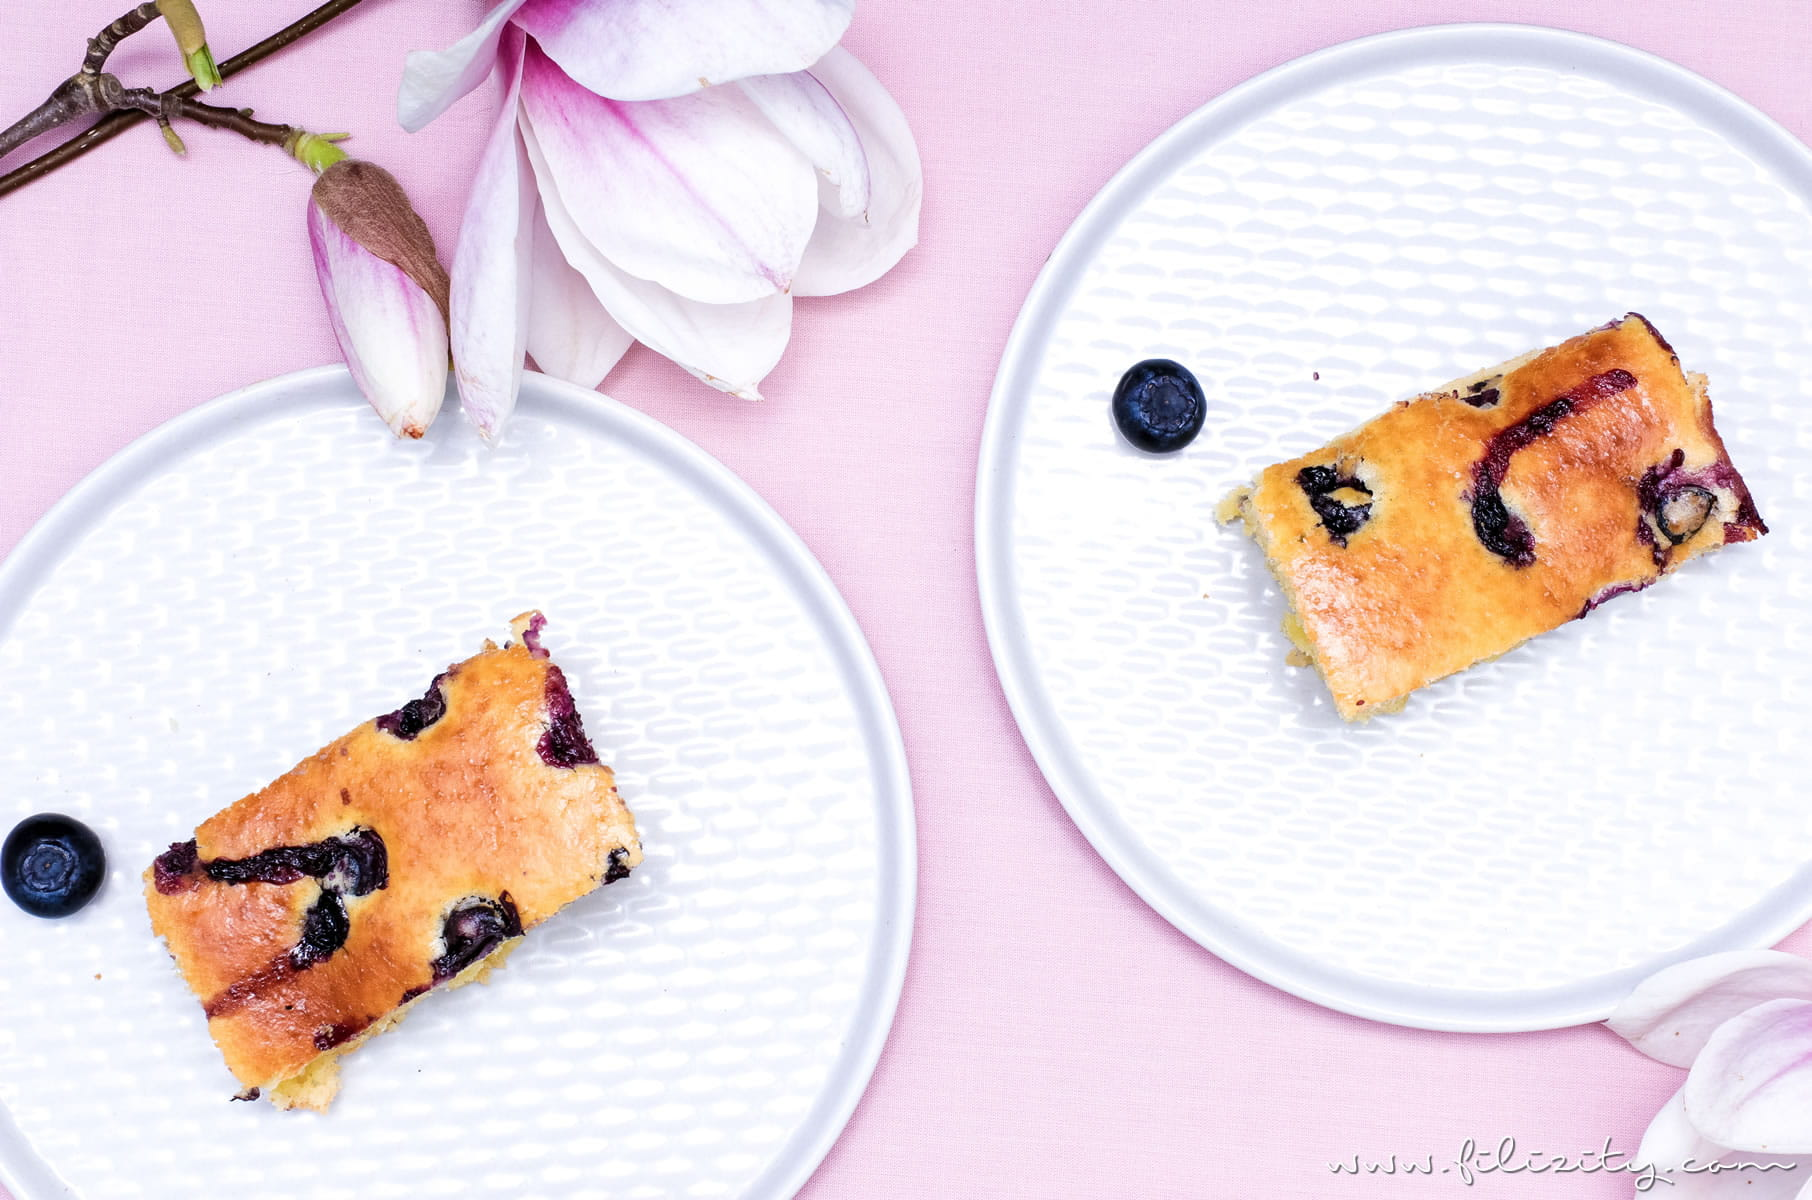 Rezept für Ofen-Pfannkuchen mit Blaubeeren - Zum Frühstück oder als Dessert | Filizity.com | Food-Blog aus dem Rheinland #pancakes #dessert #sommer